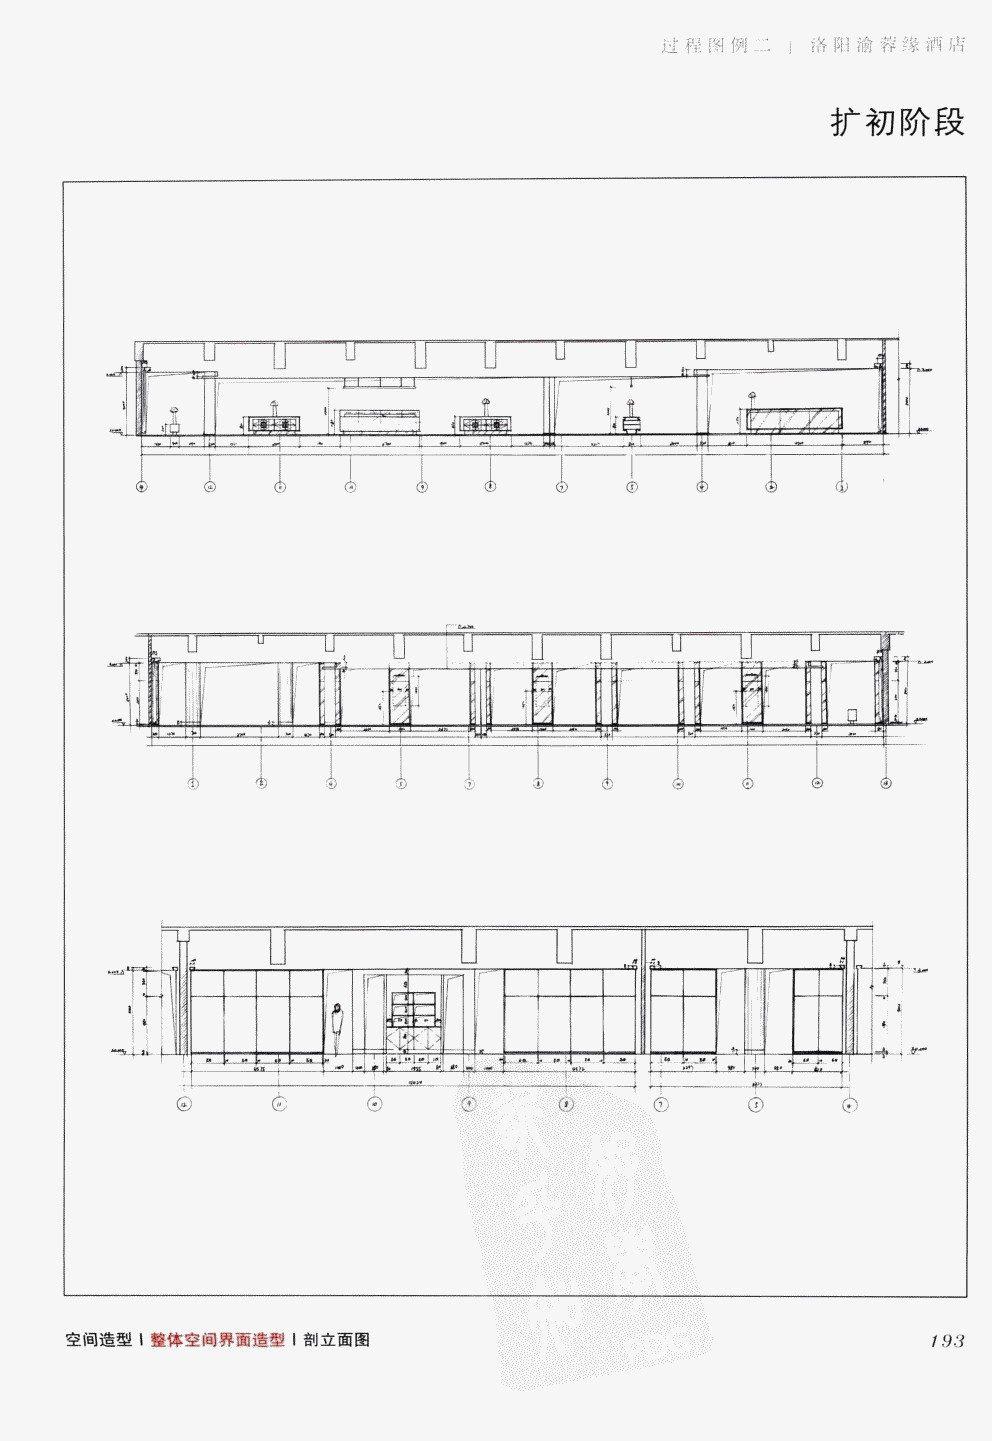 室内设计纲要++概念思考与过程表达_室内设计纲要  概念思考与过程表达_1297982..._页面_201.jpg